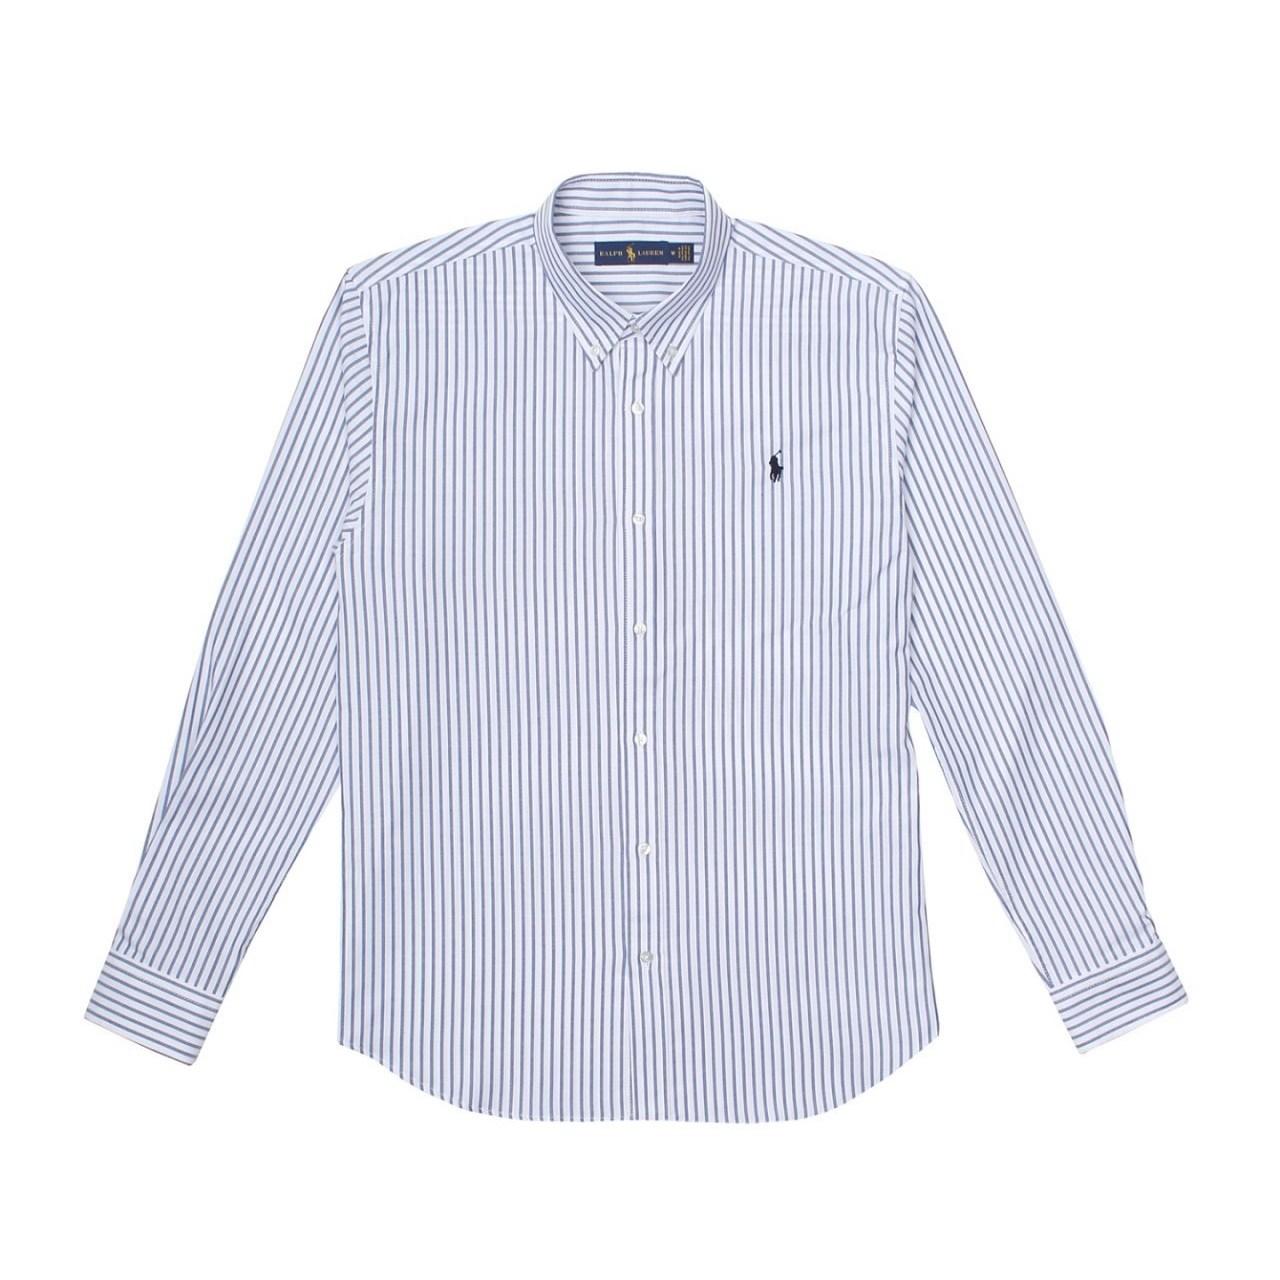 몽키나인 폴로 셔츠 남성 클래식(5color)